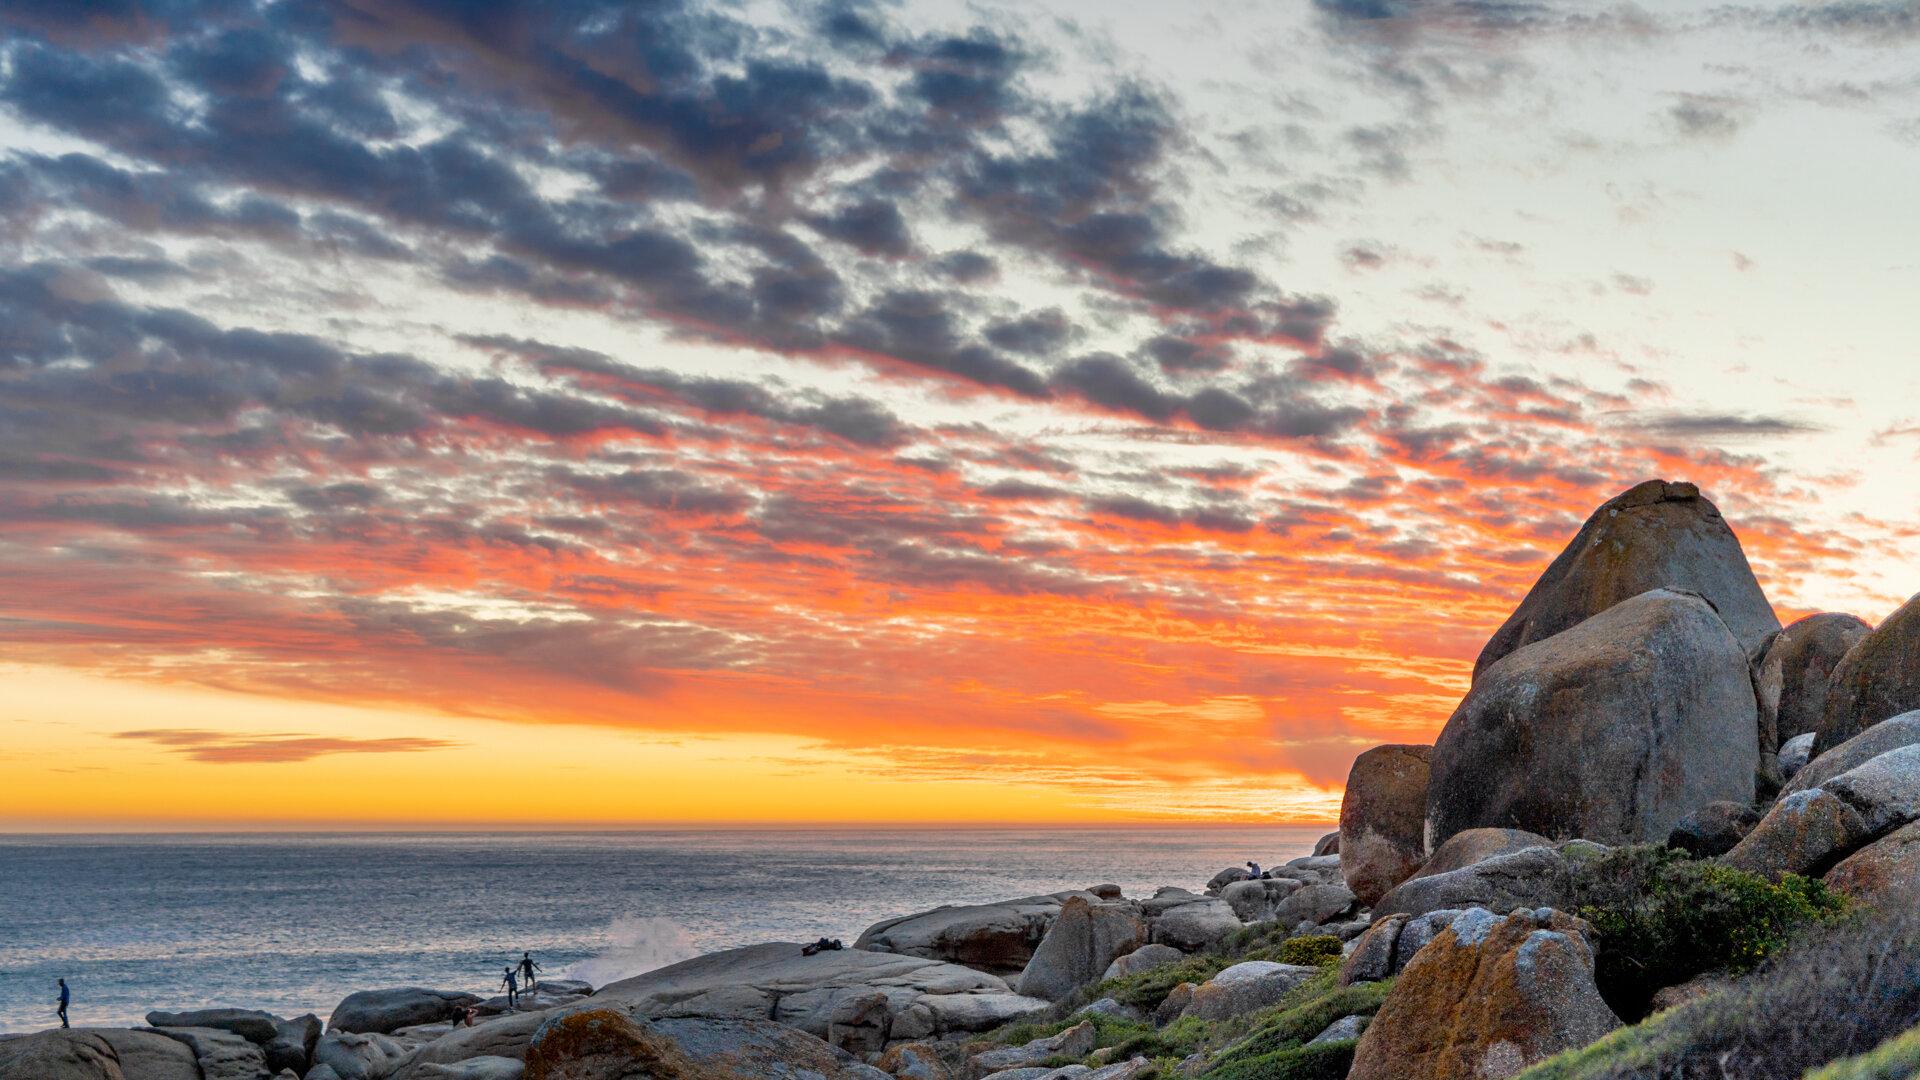 Sunset Llandudno May 2019 - by Ken Treloar - Cape Image Co._Low-res.jpg